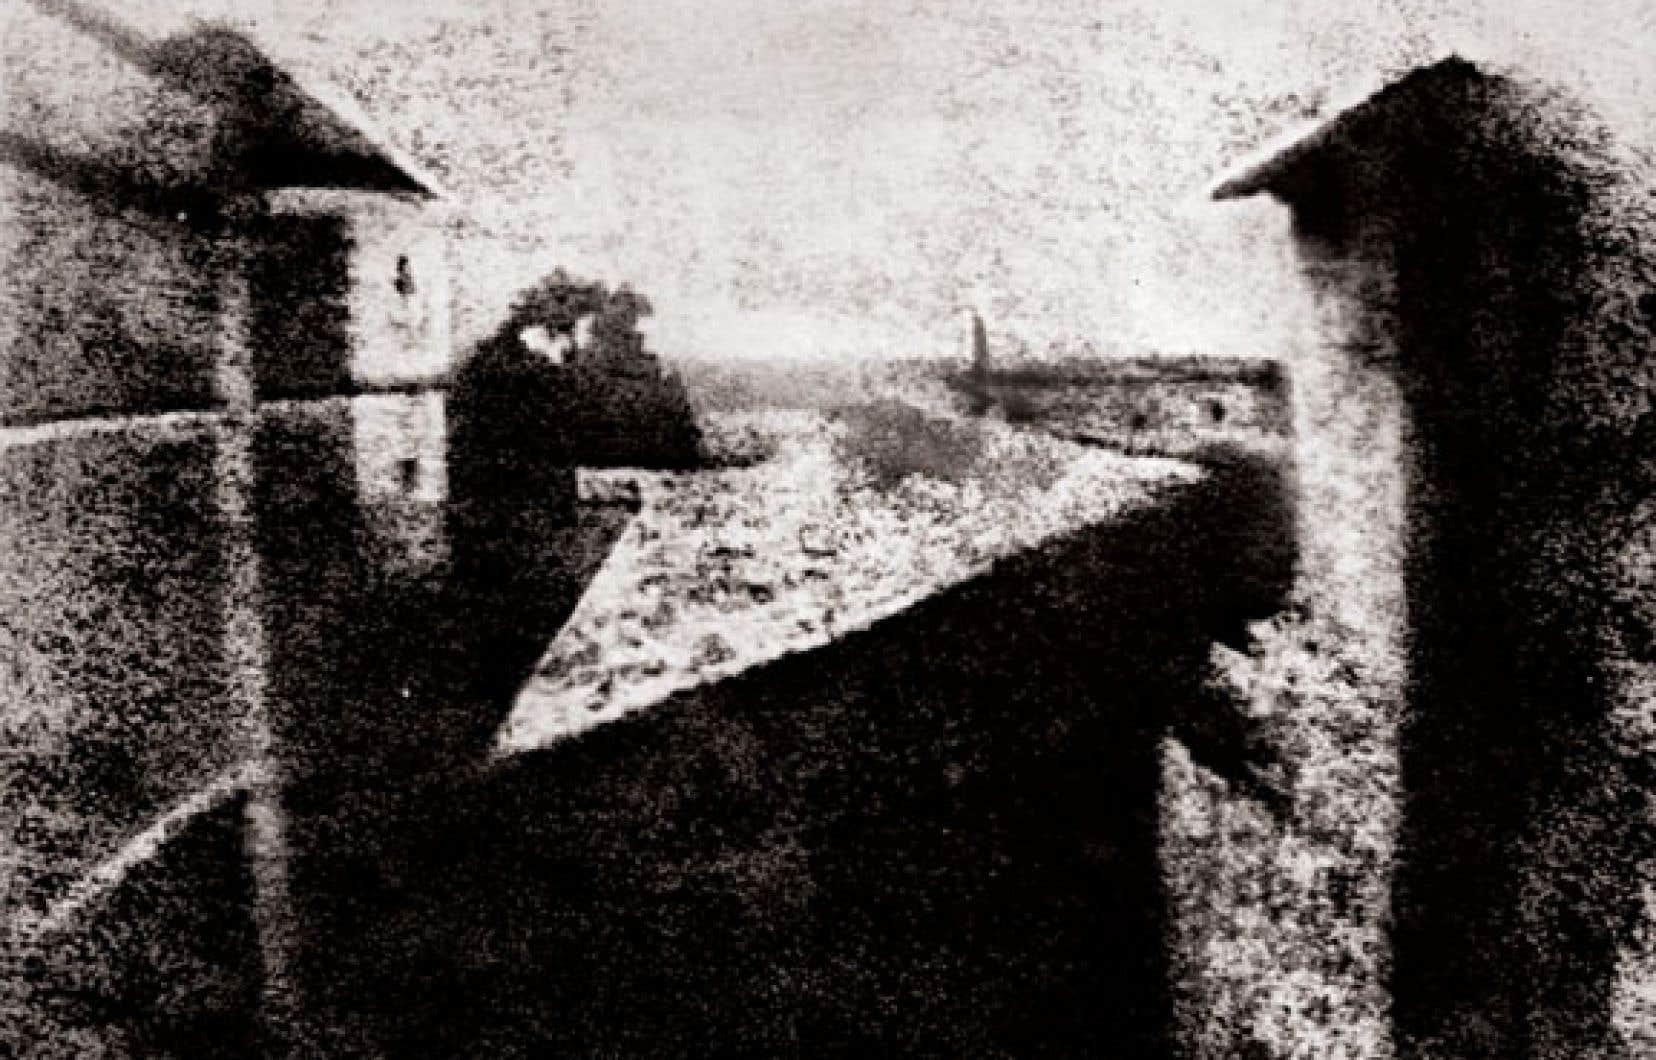 La photographie de Nicéphore Niepce, prise en 1826, est exposée aux musées Reiss-Engelhorn de Mannheim, en Allemagne.